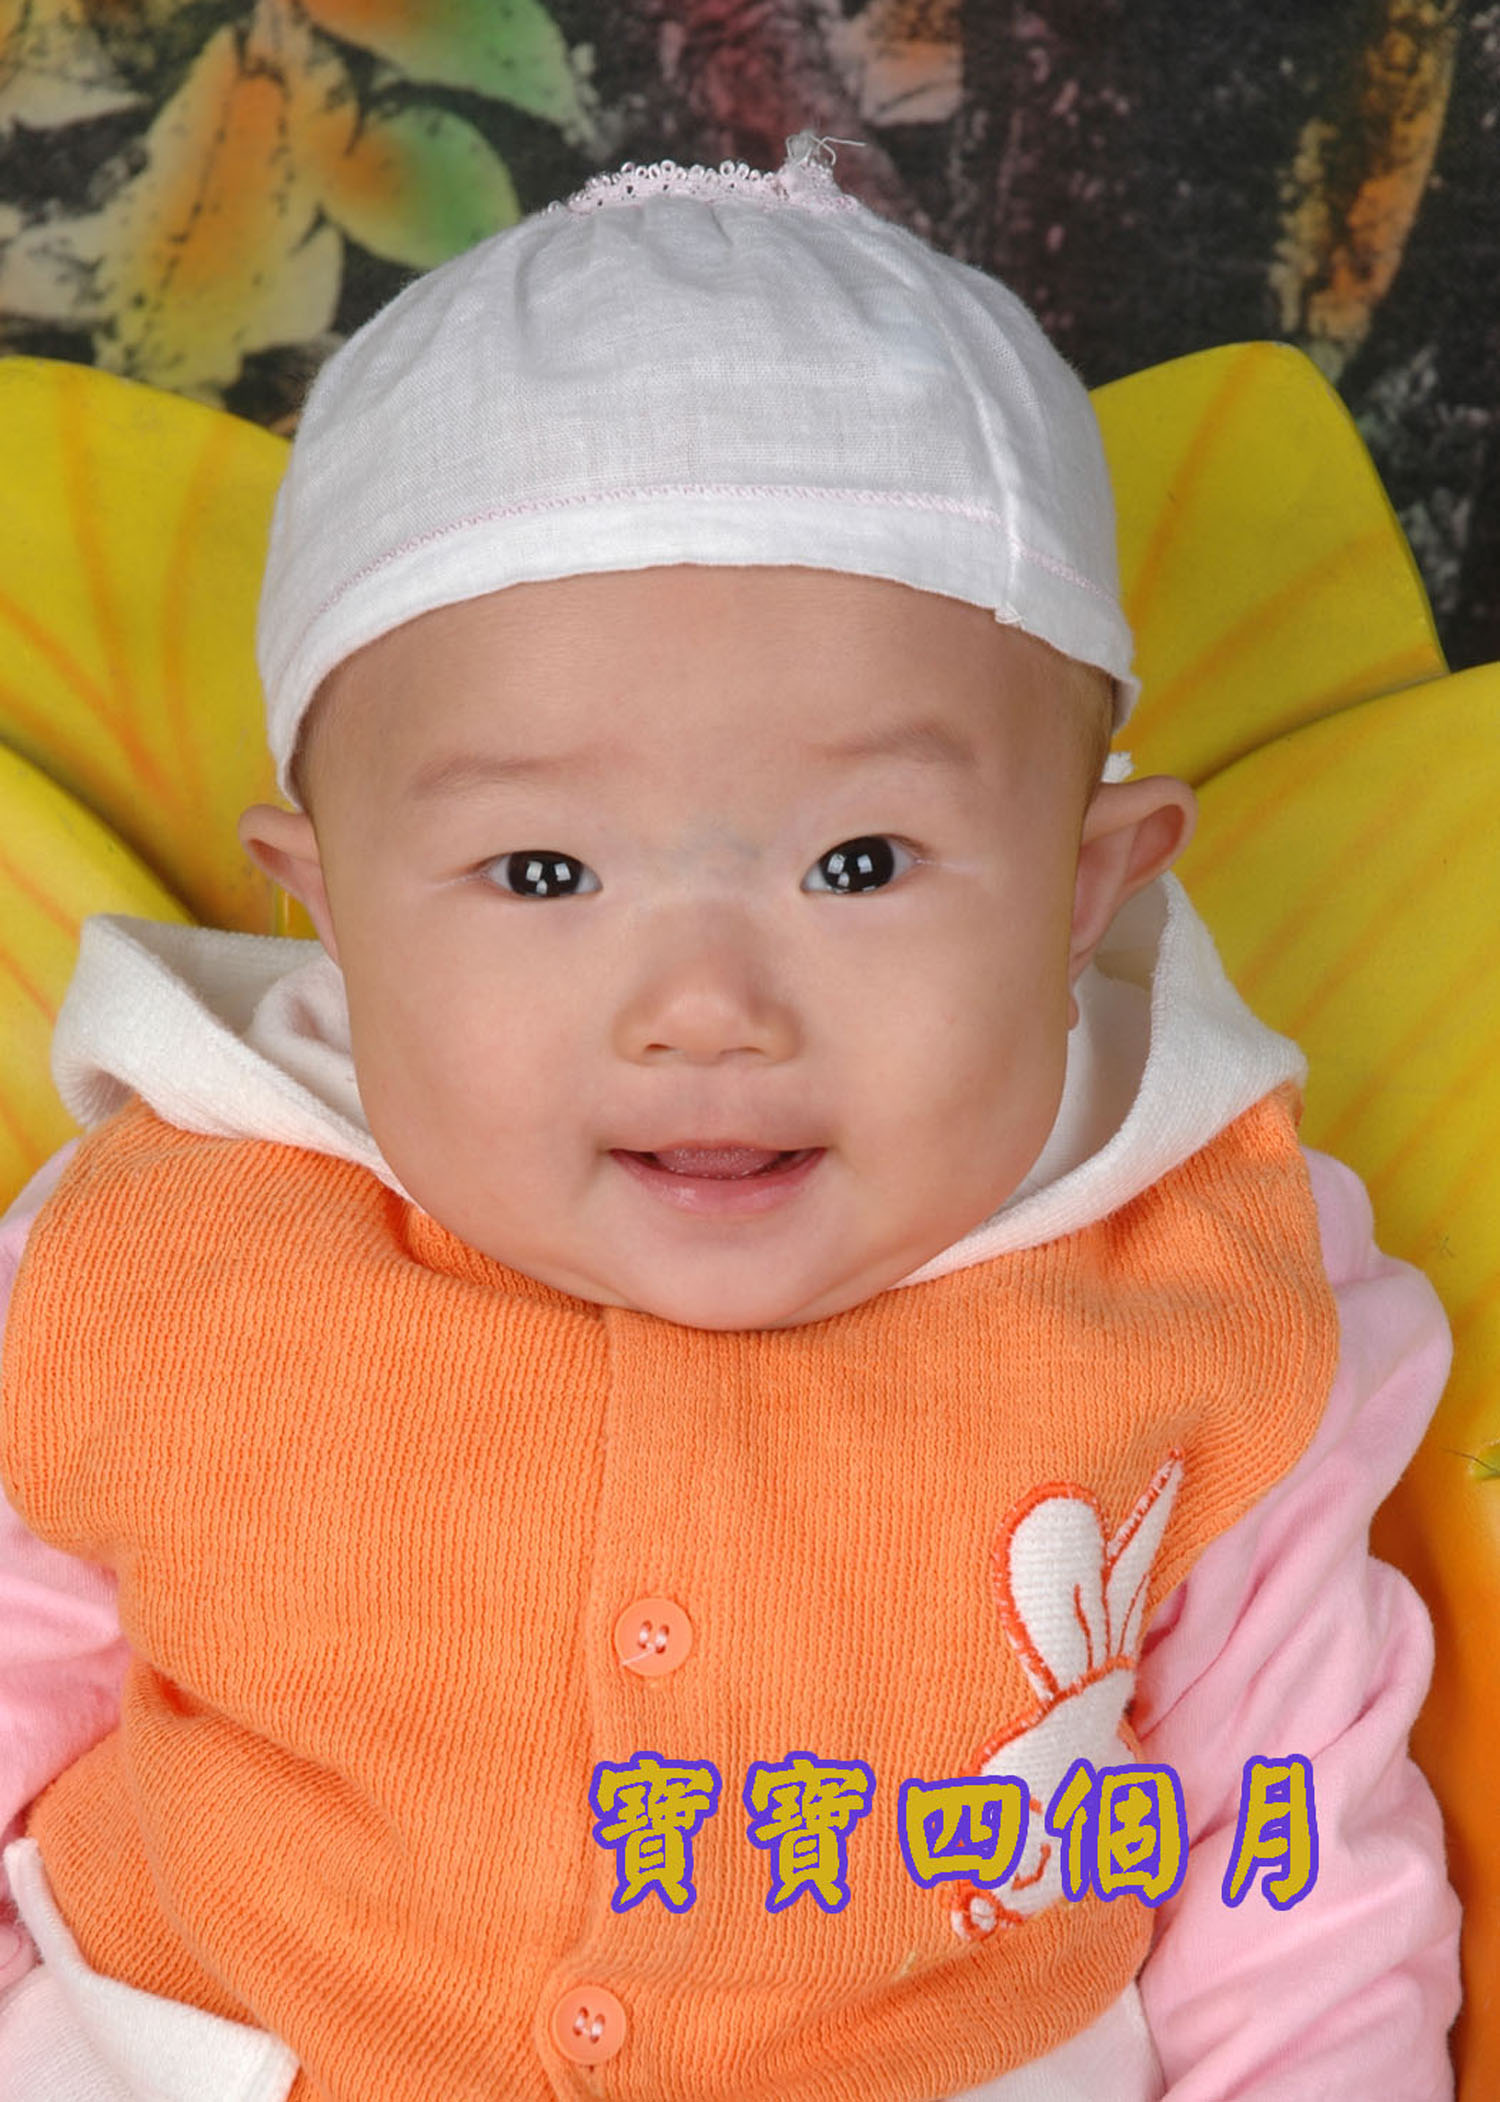 宝宝 壁纸 儿童 孩子 小孩 婴儿 1500_2102 竖版 竖屏 手机